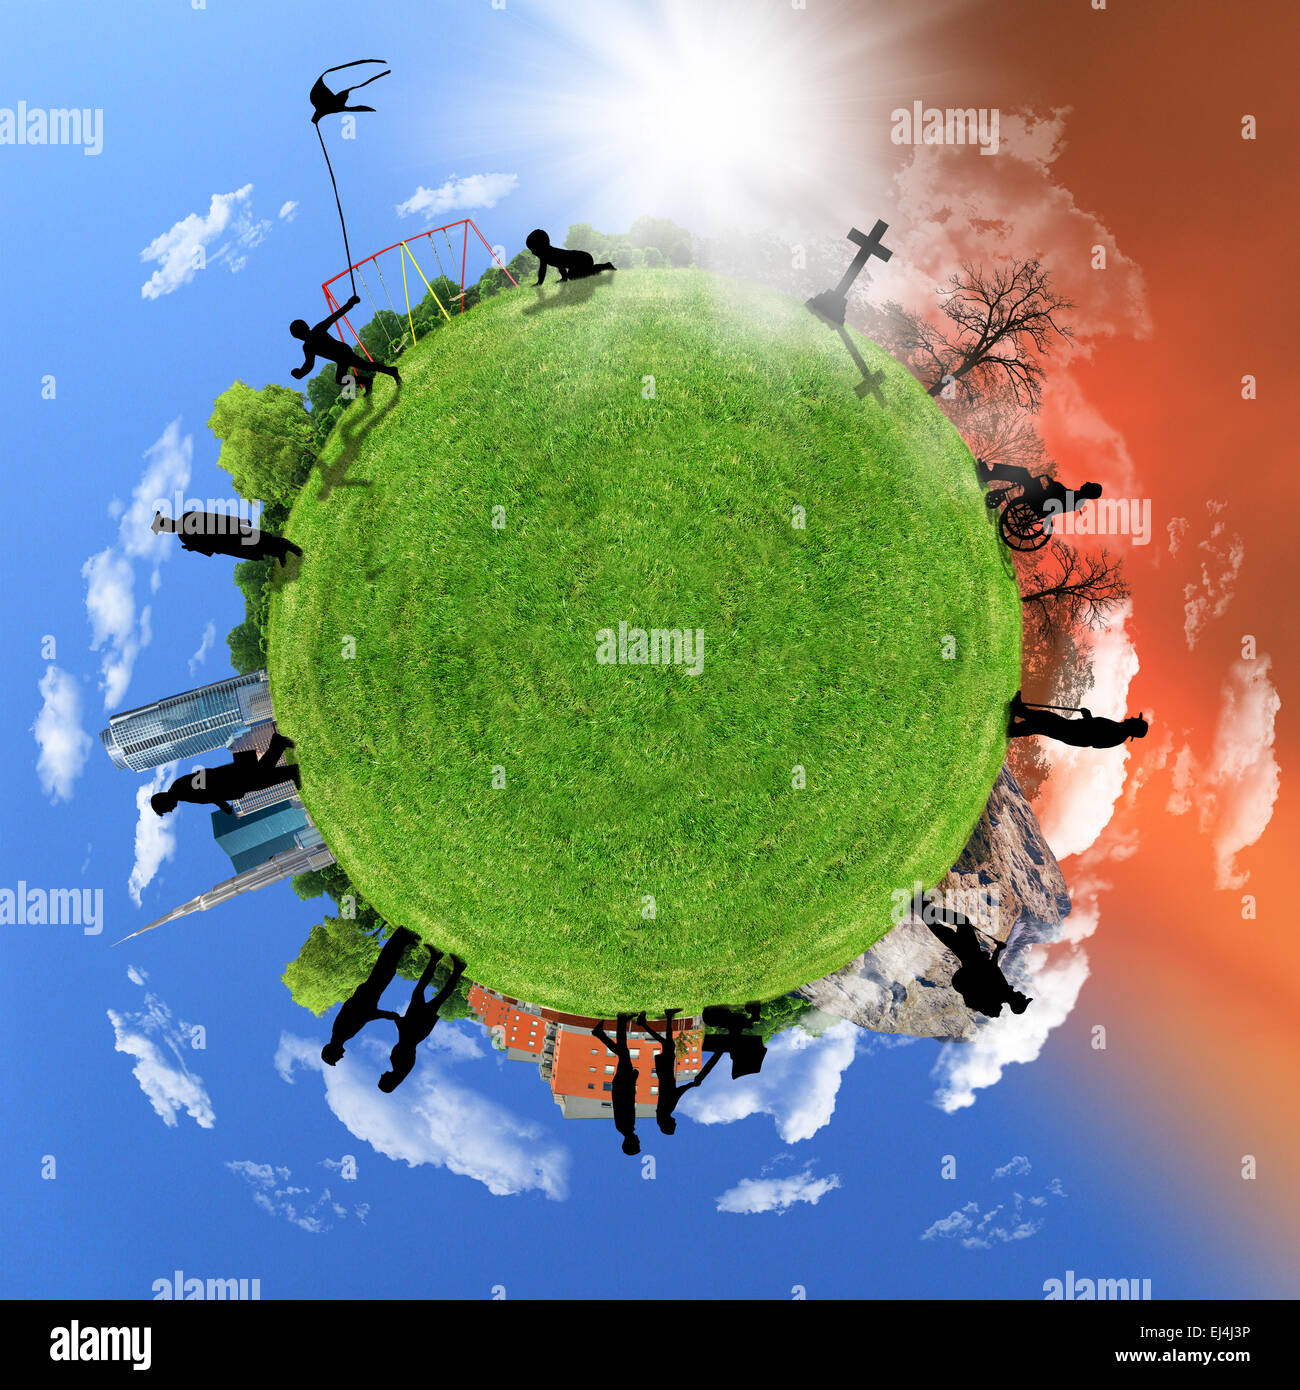 Círculo de la vida humana, el concepto de un mundo, el envejecimiento de la población. Imagen De Stock